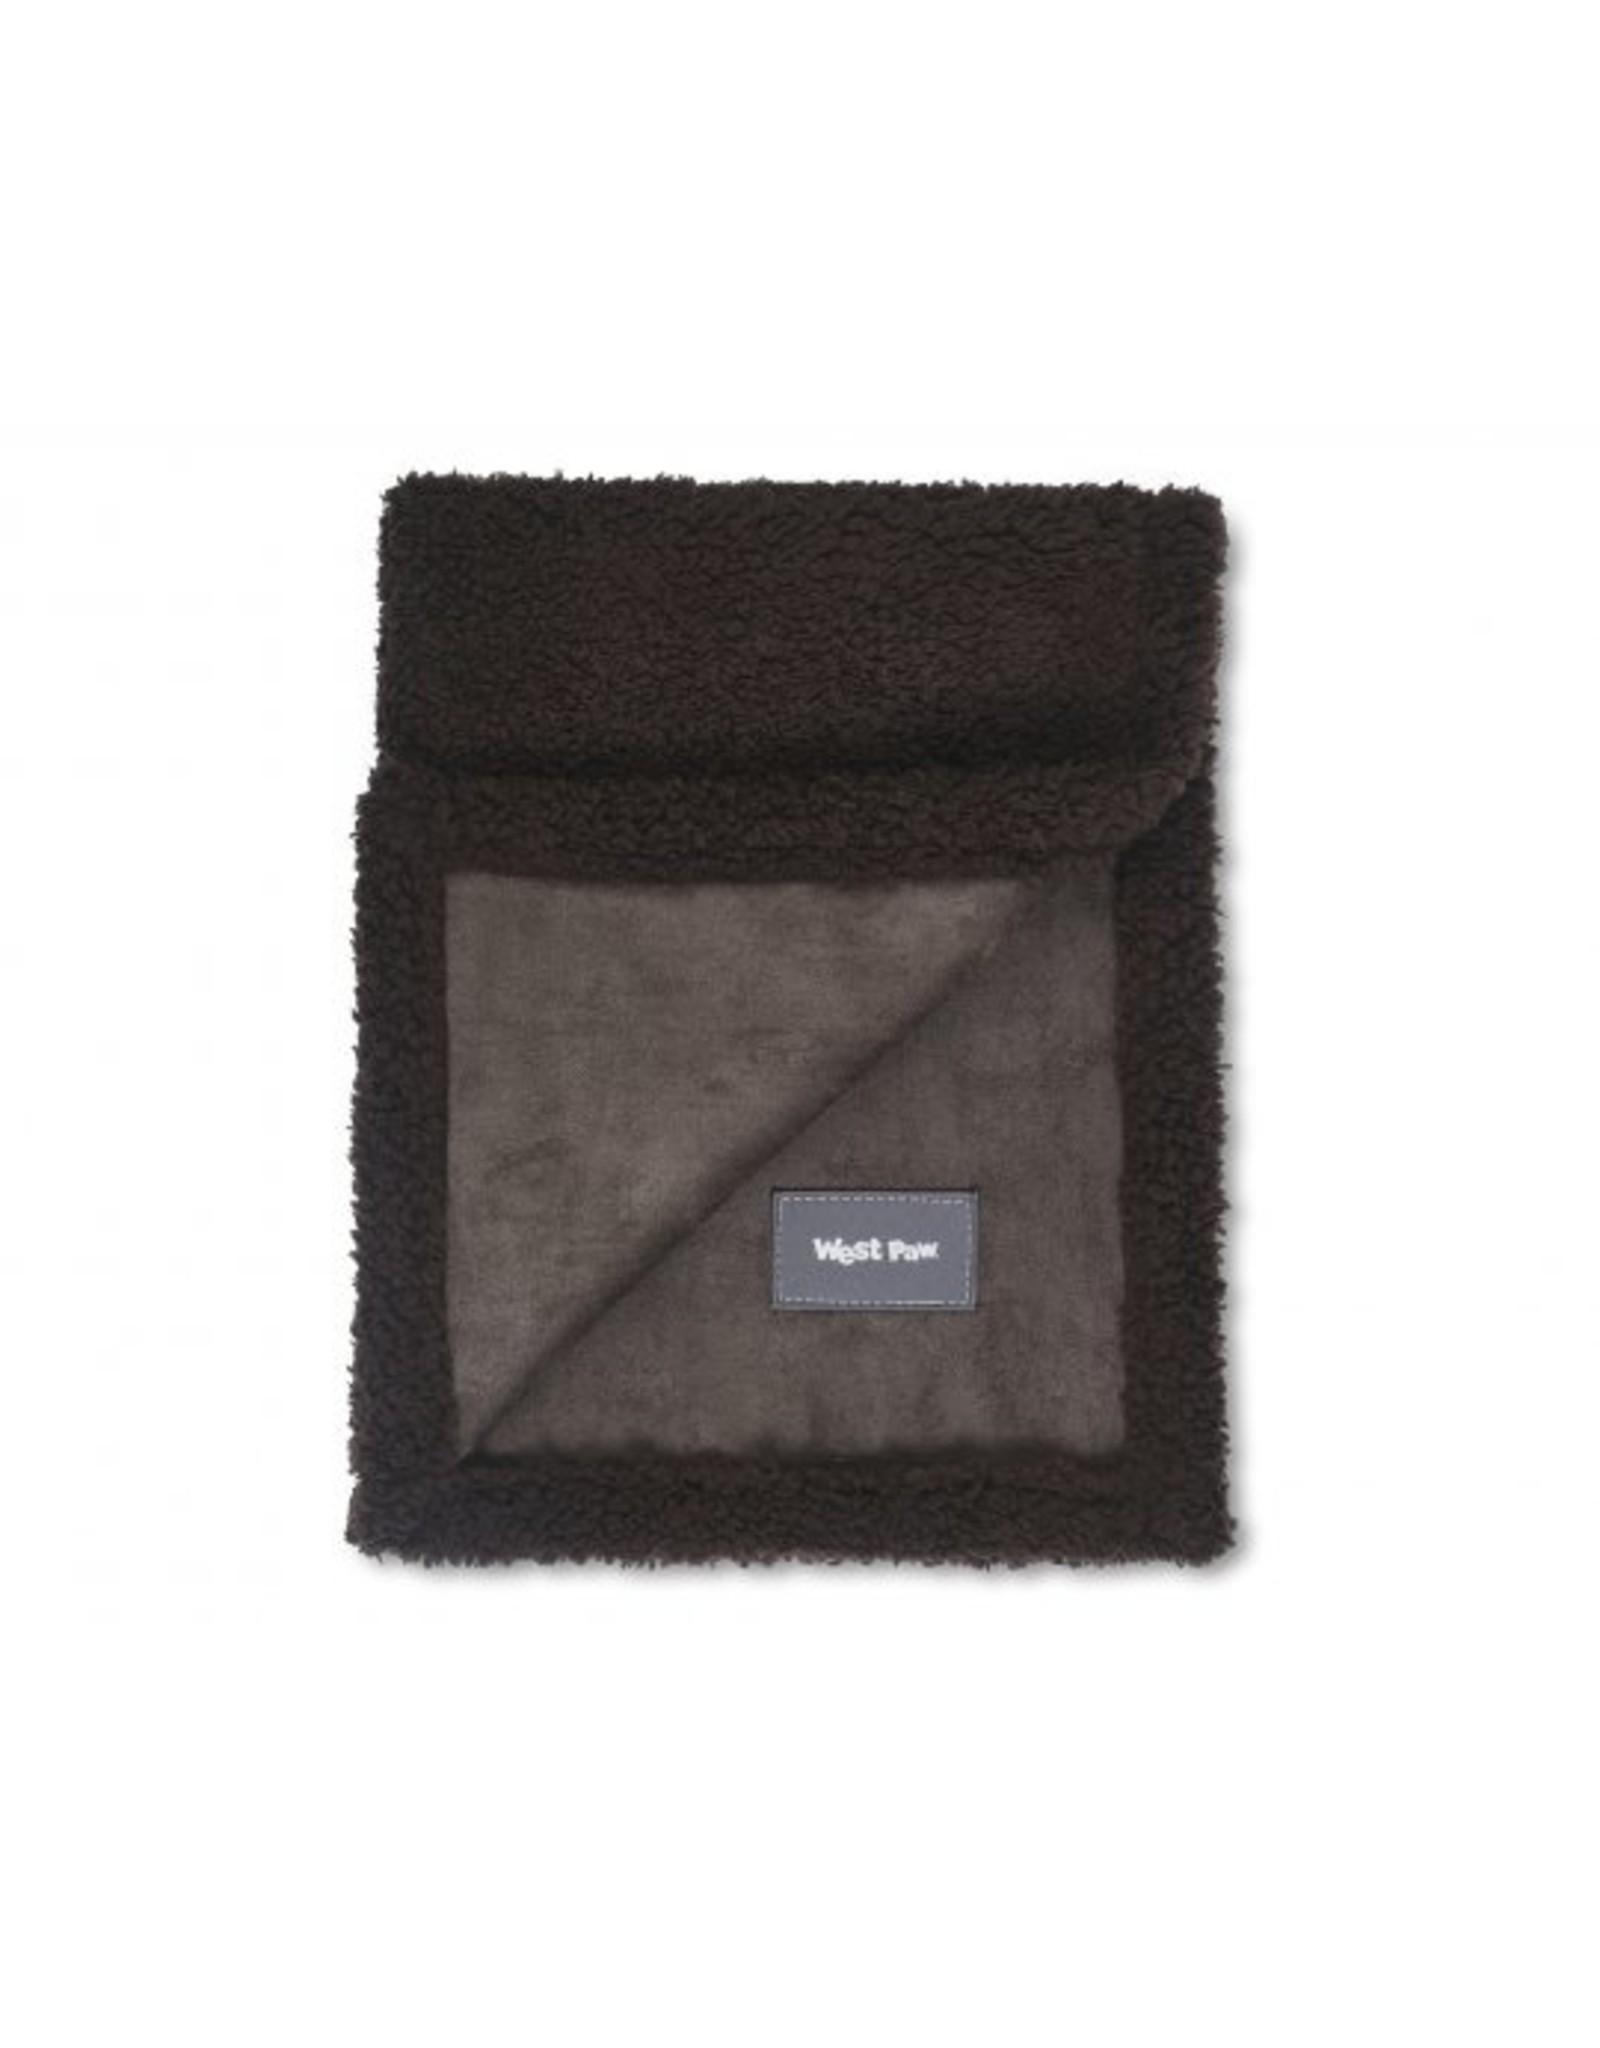 West Paw Designs Westpaw: Big Sky Blanket S 27x21 Chocolate